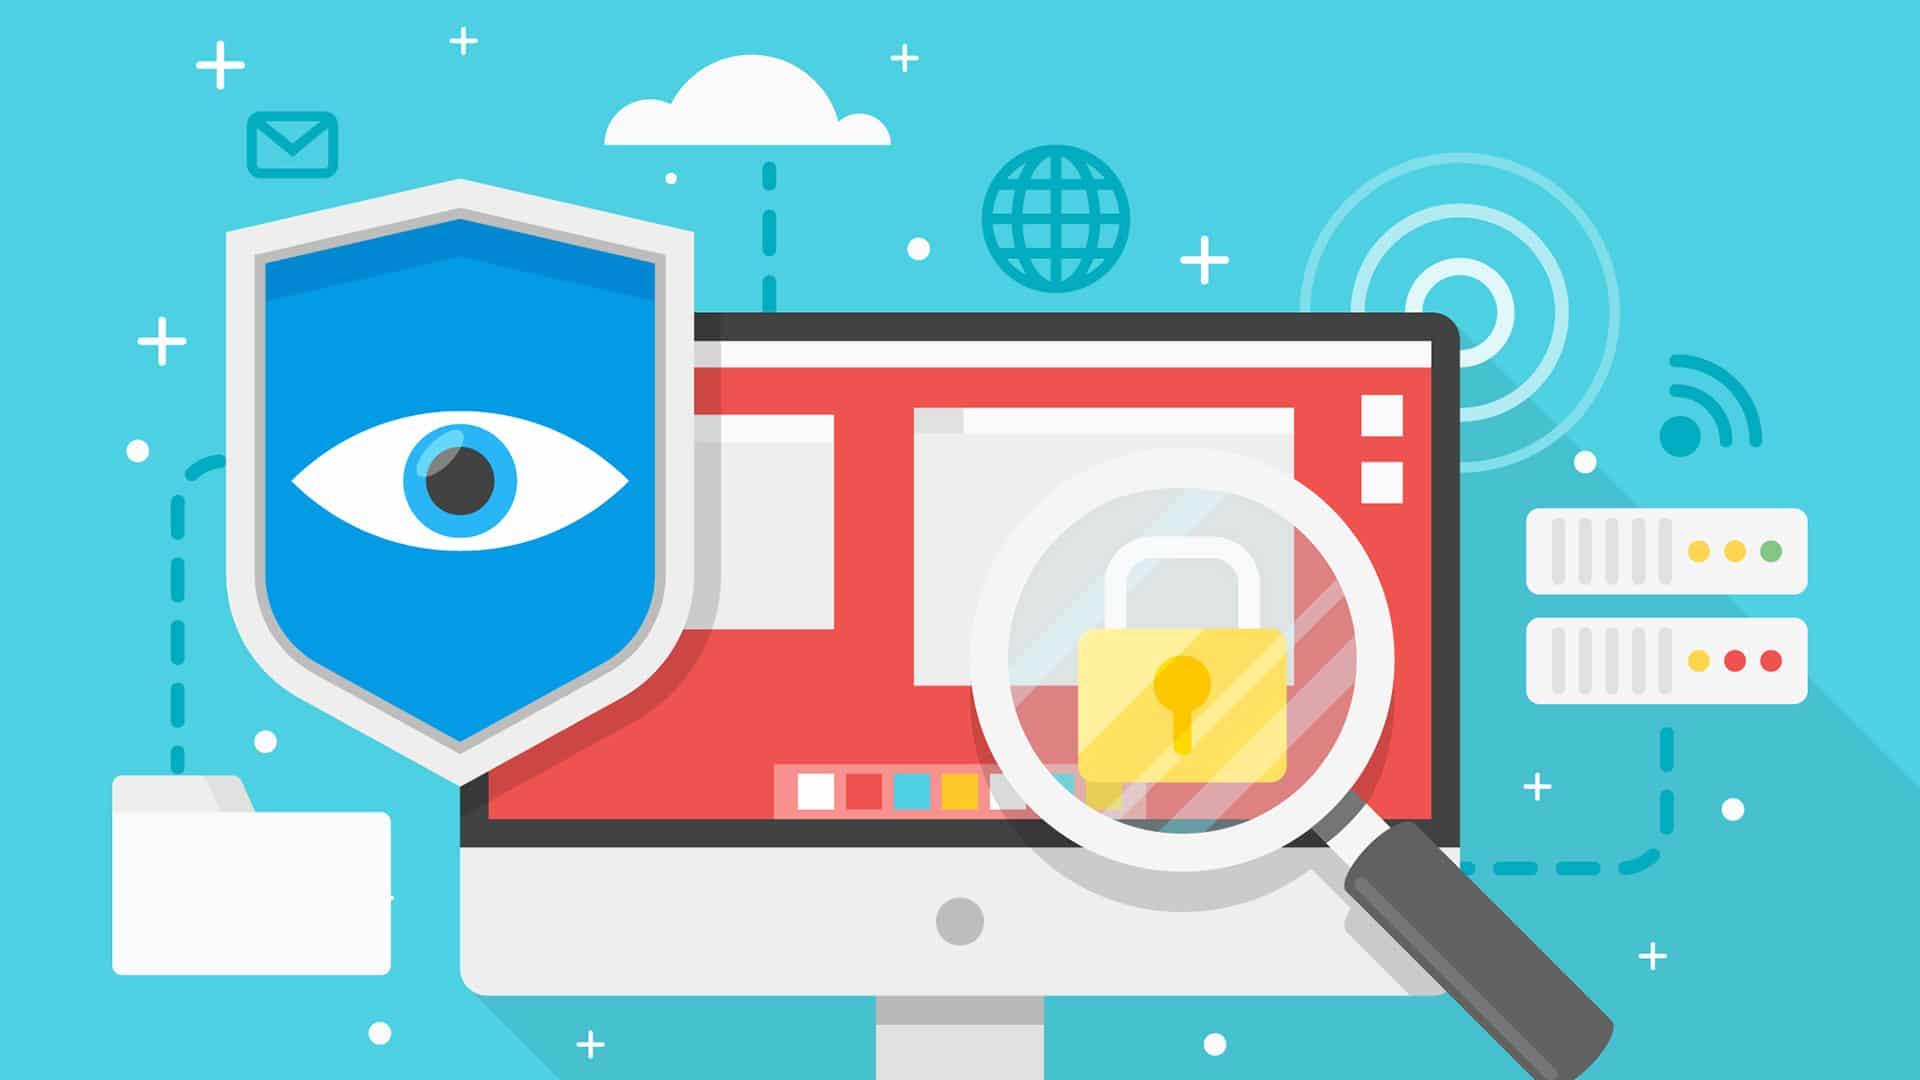 Mostre a seus clientes que seu website é seguro e protegido